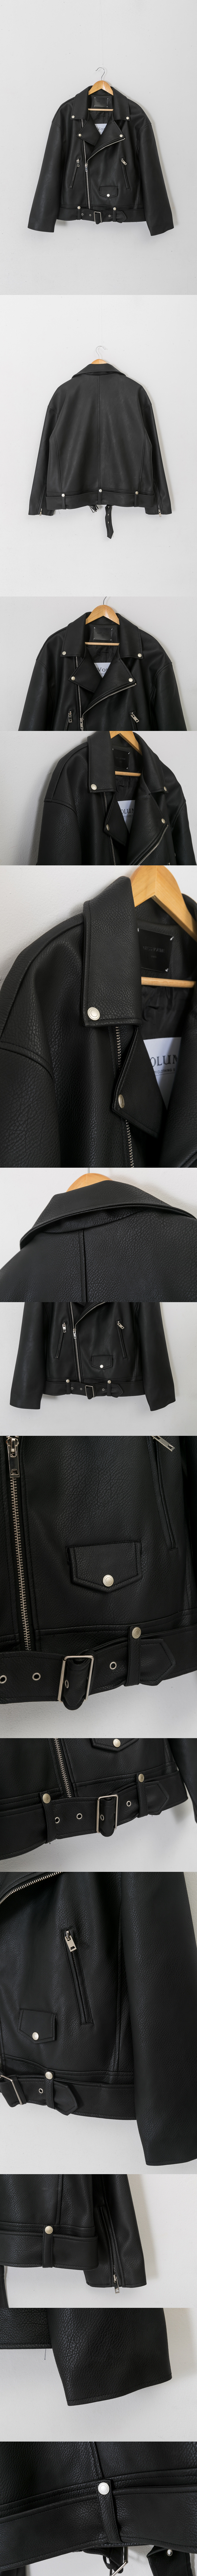 레이디 볼륨(LADY VOLUME) [남여공용]19 overfit belt riders  jacket